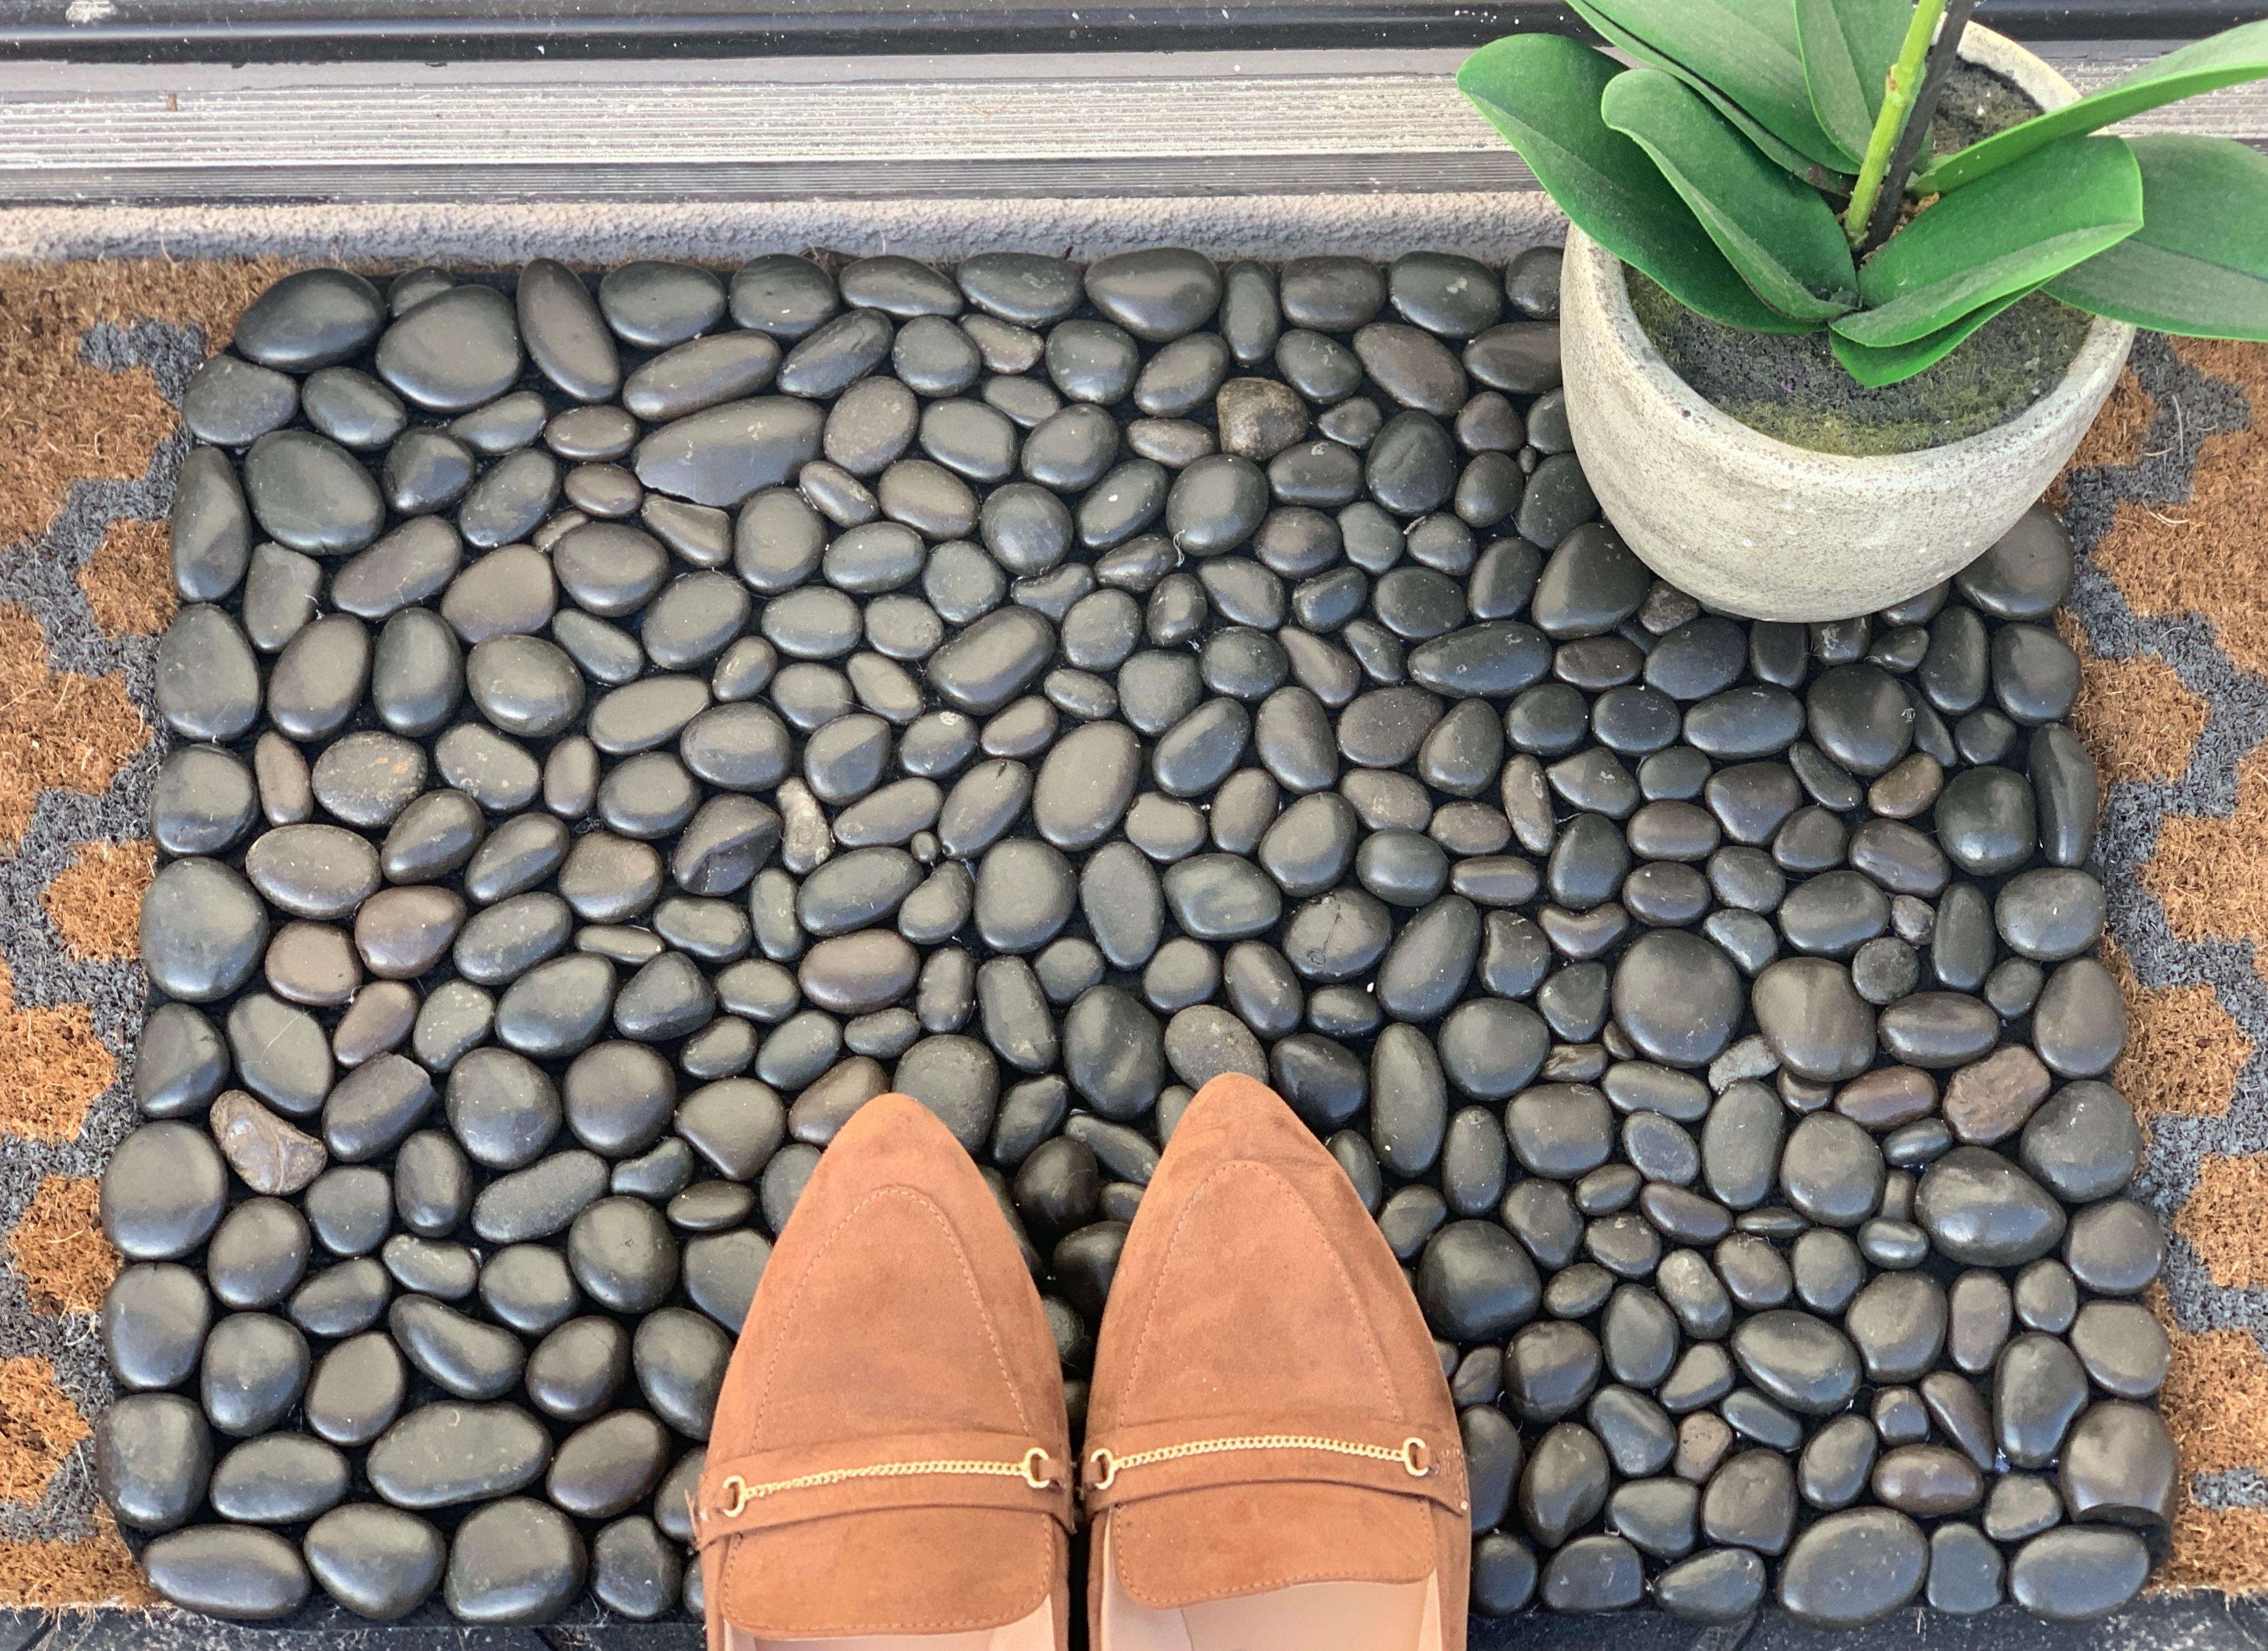 Diy River Rock Welcome Doormat Ehow Com In 2020 Diy River Rock River Rock Rock Tile